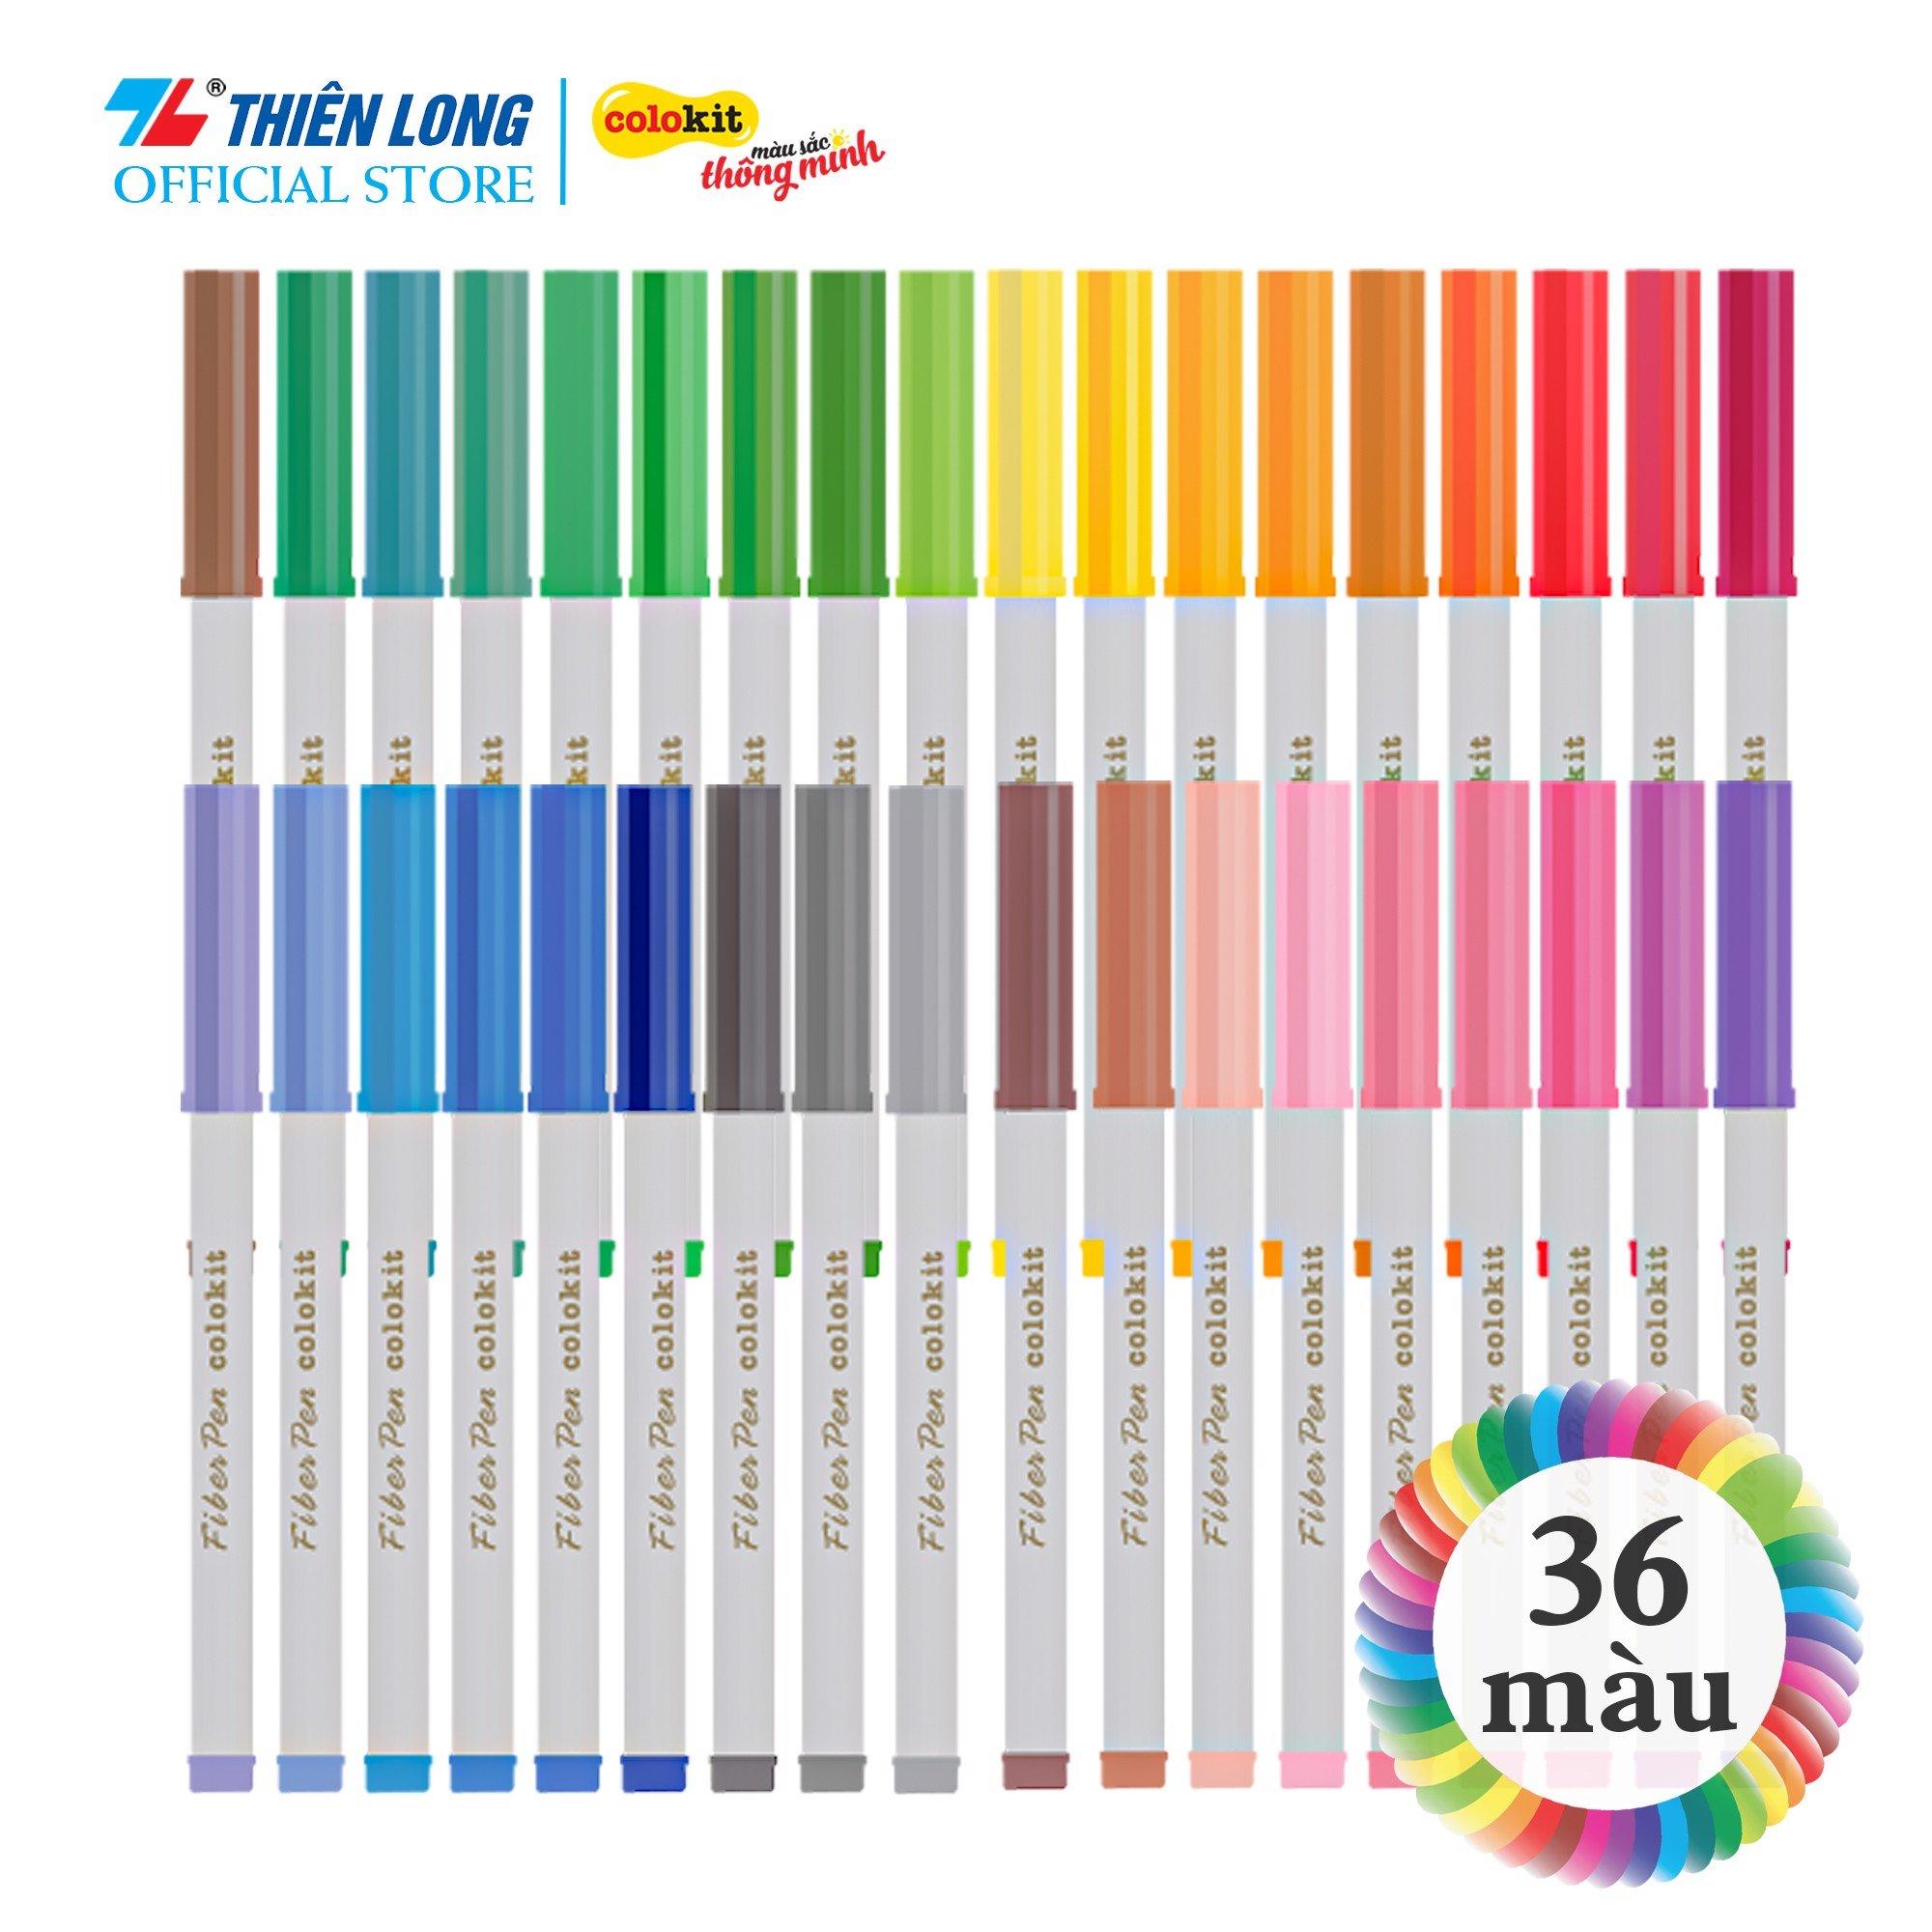 Bút lông màu Fiber Pen Colokit Thiên Long - Bộ 36 màu chuyên viết nét thanh, nét đậm, viết chữ...